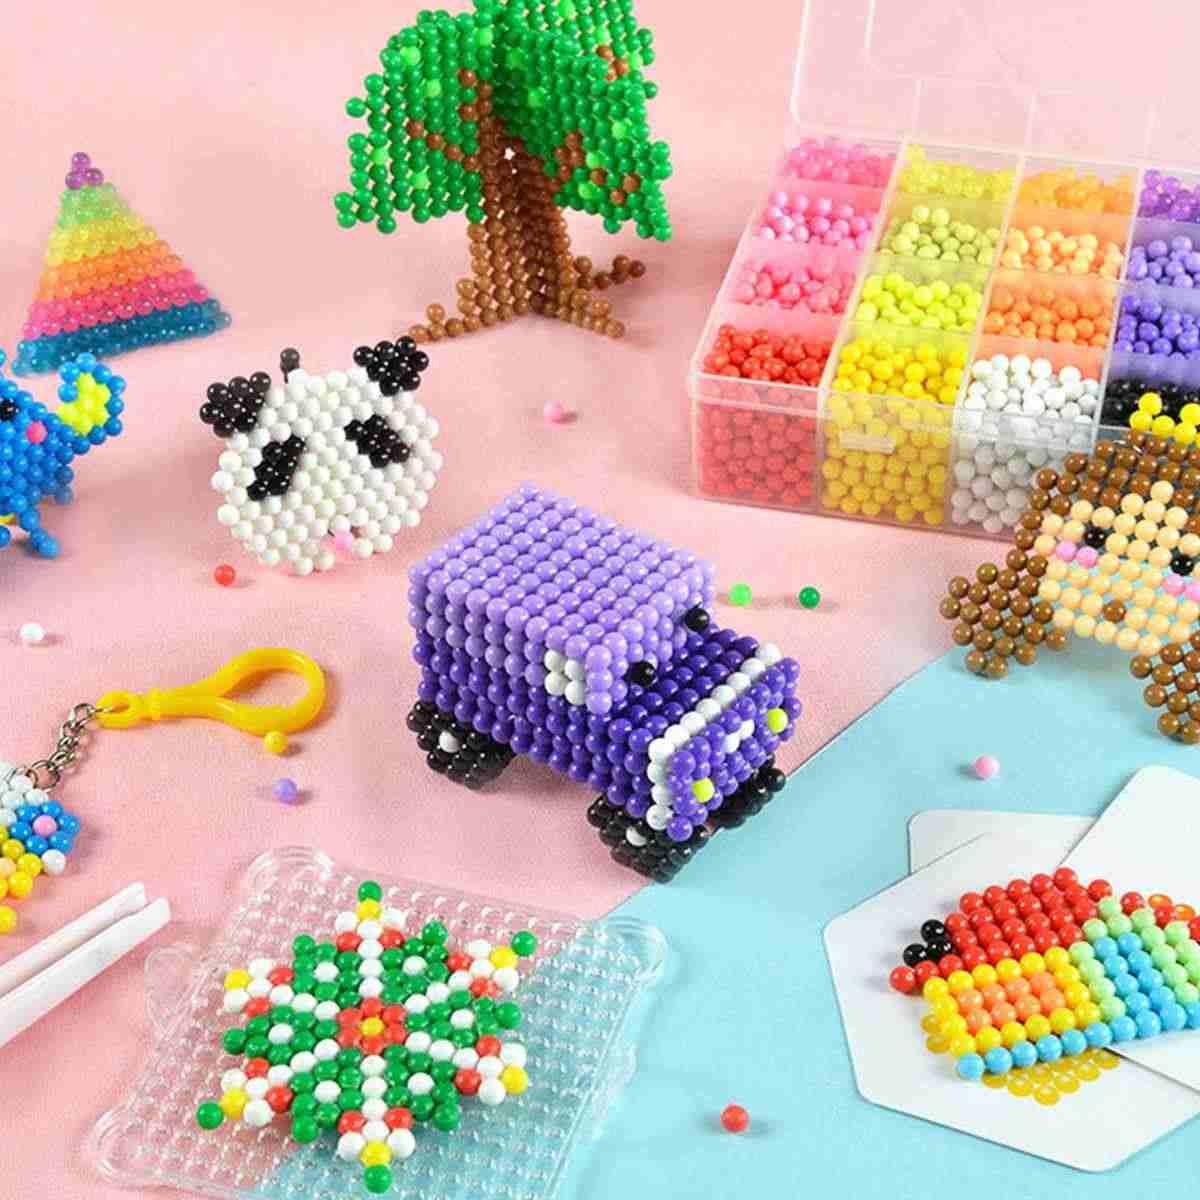 8000pcs Magia Di Puzzle Giocattoli Acqua Nebulizzata Bead Set Delle Ragazze Dei Ragazzi FAI DA TE Fatto A Mano Animale Appiccicoso Perline Giocattoli Educativi Per Bambini regali